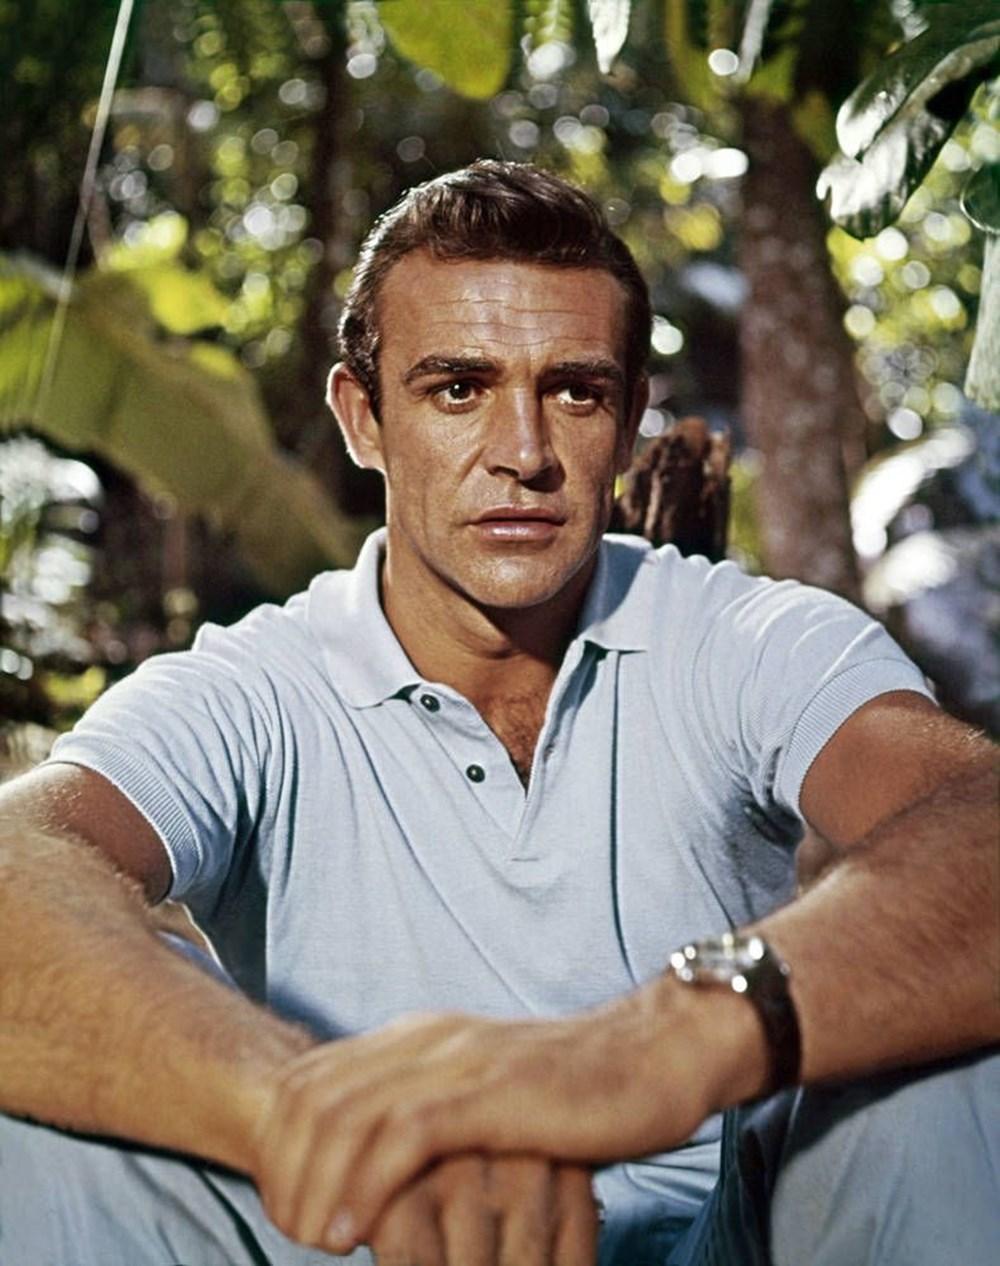 'En iyi James Bond' Sean Connery'ye 90. doğum günü kutlaması - 7